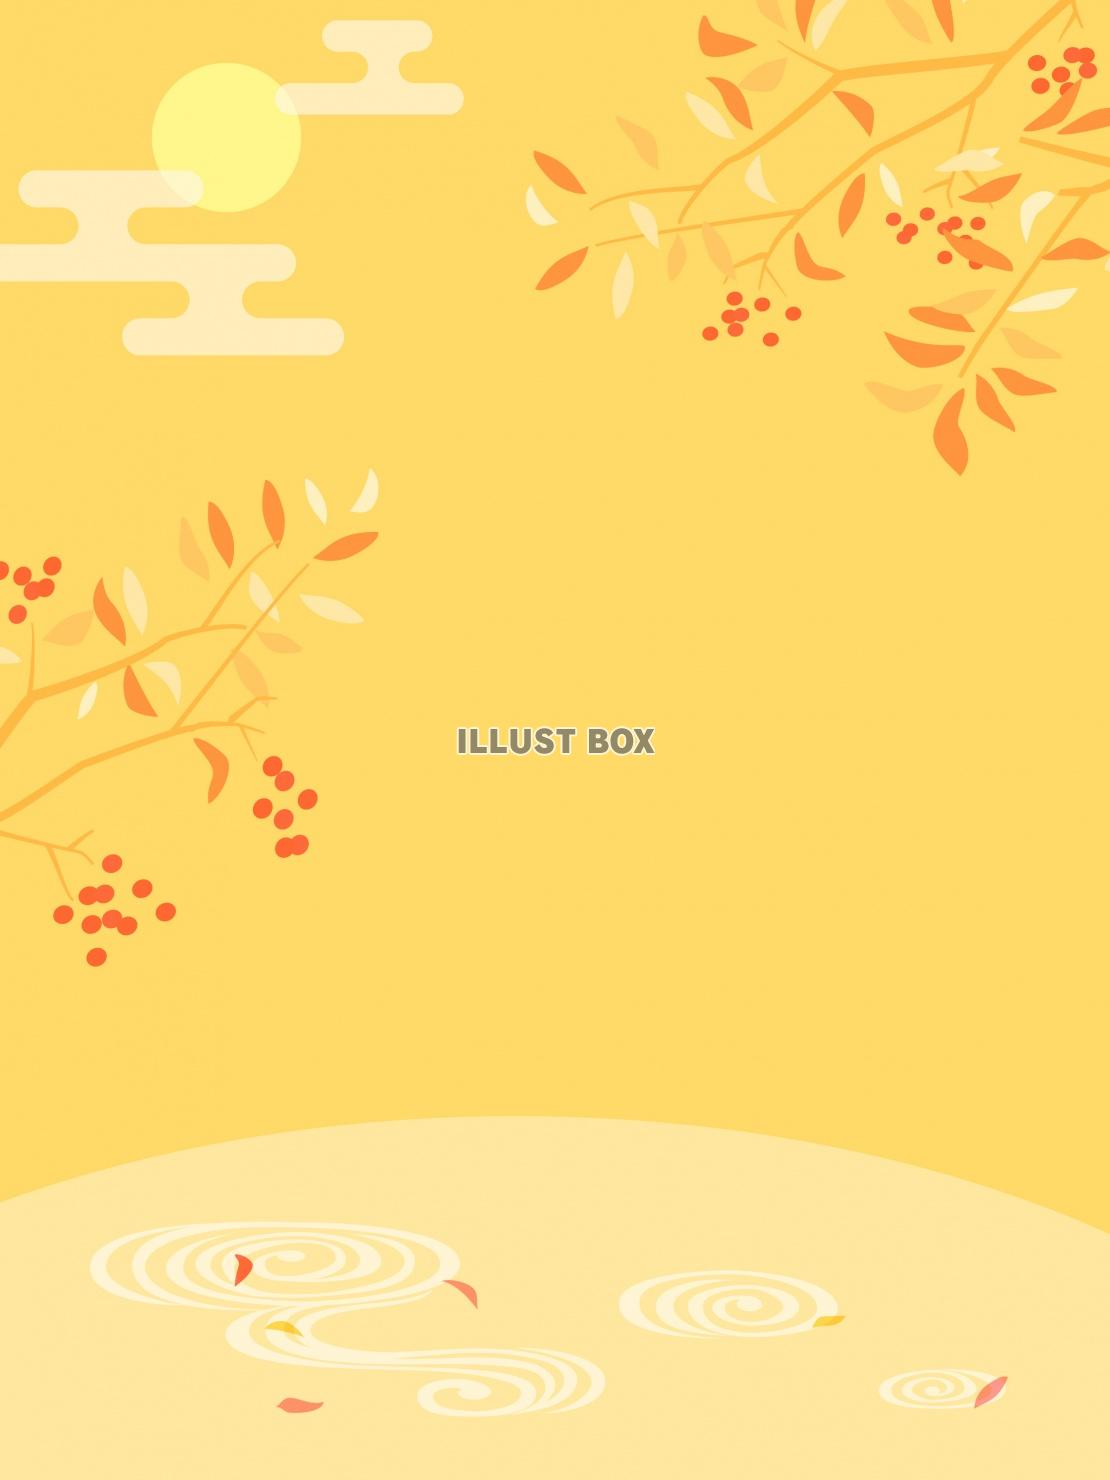 秋を感じる和風フレーム・山吹色